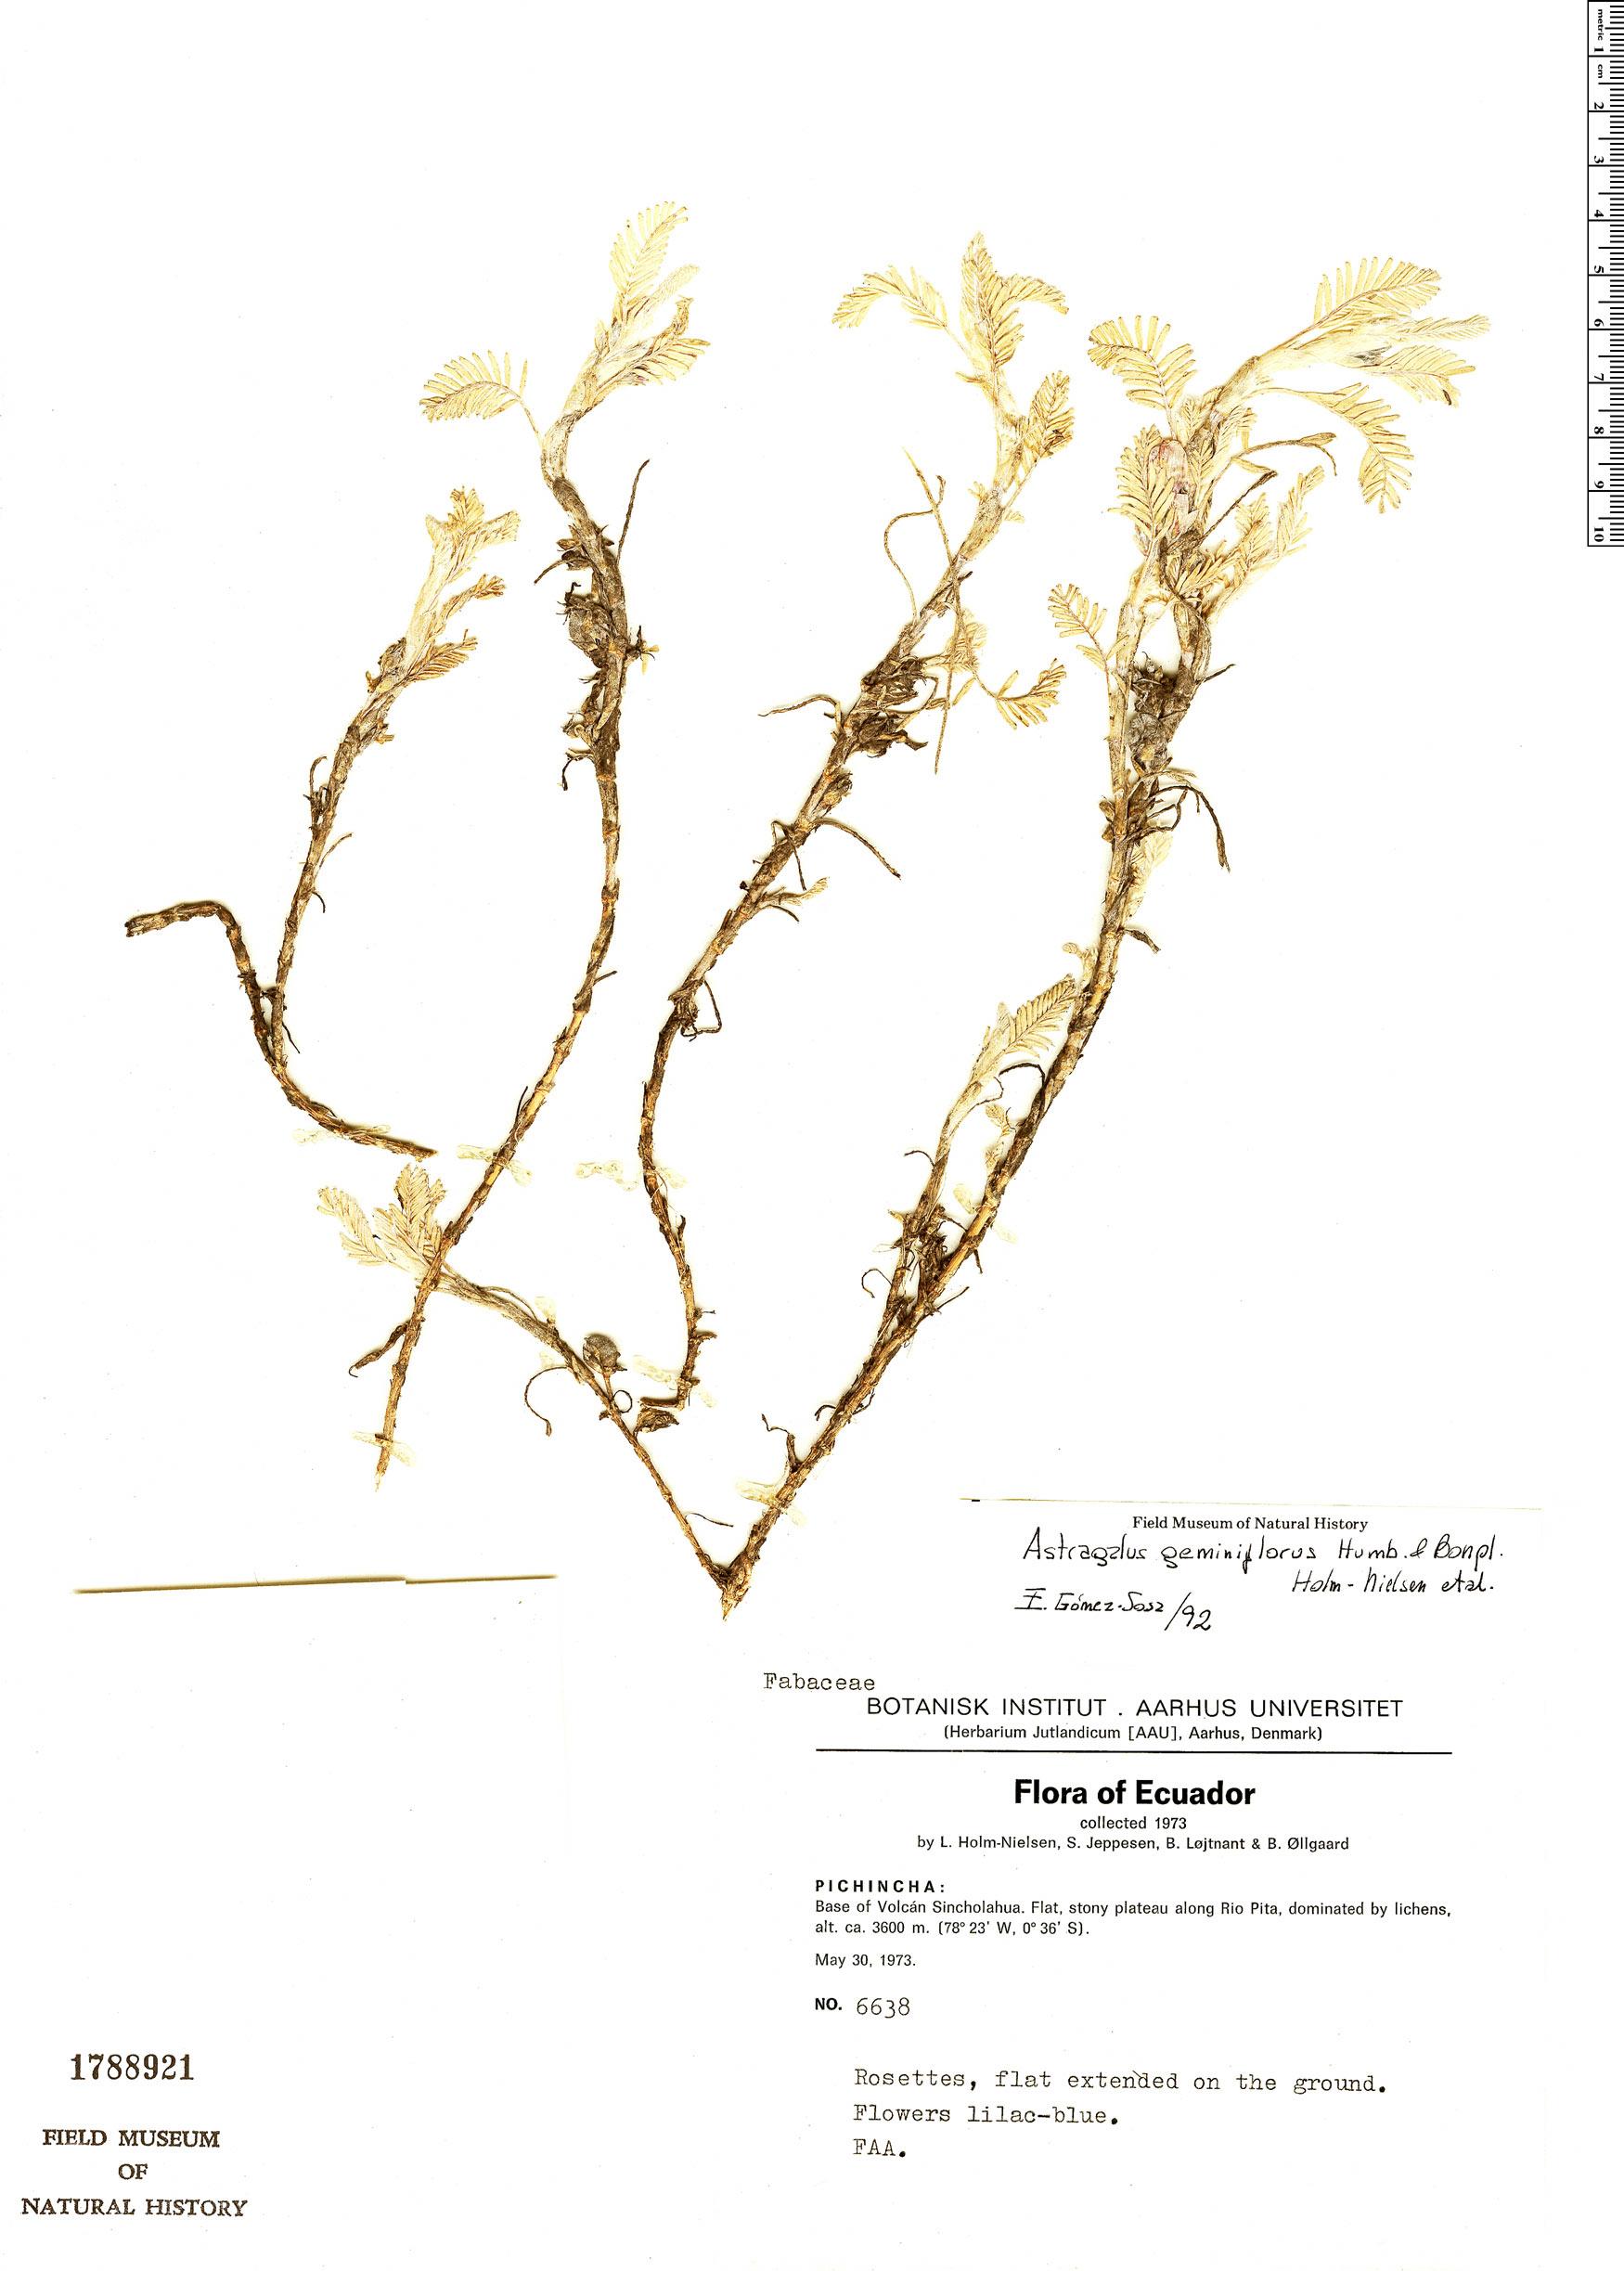 Specimen: Astragalus geminiflorus